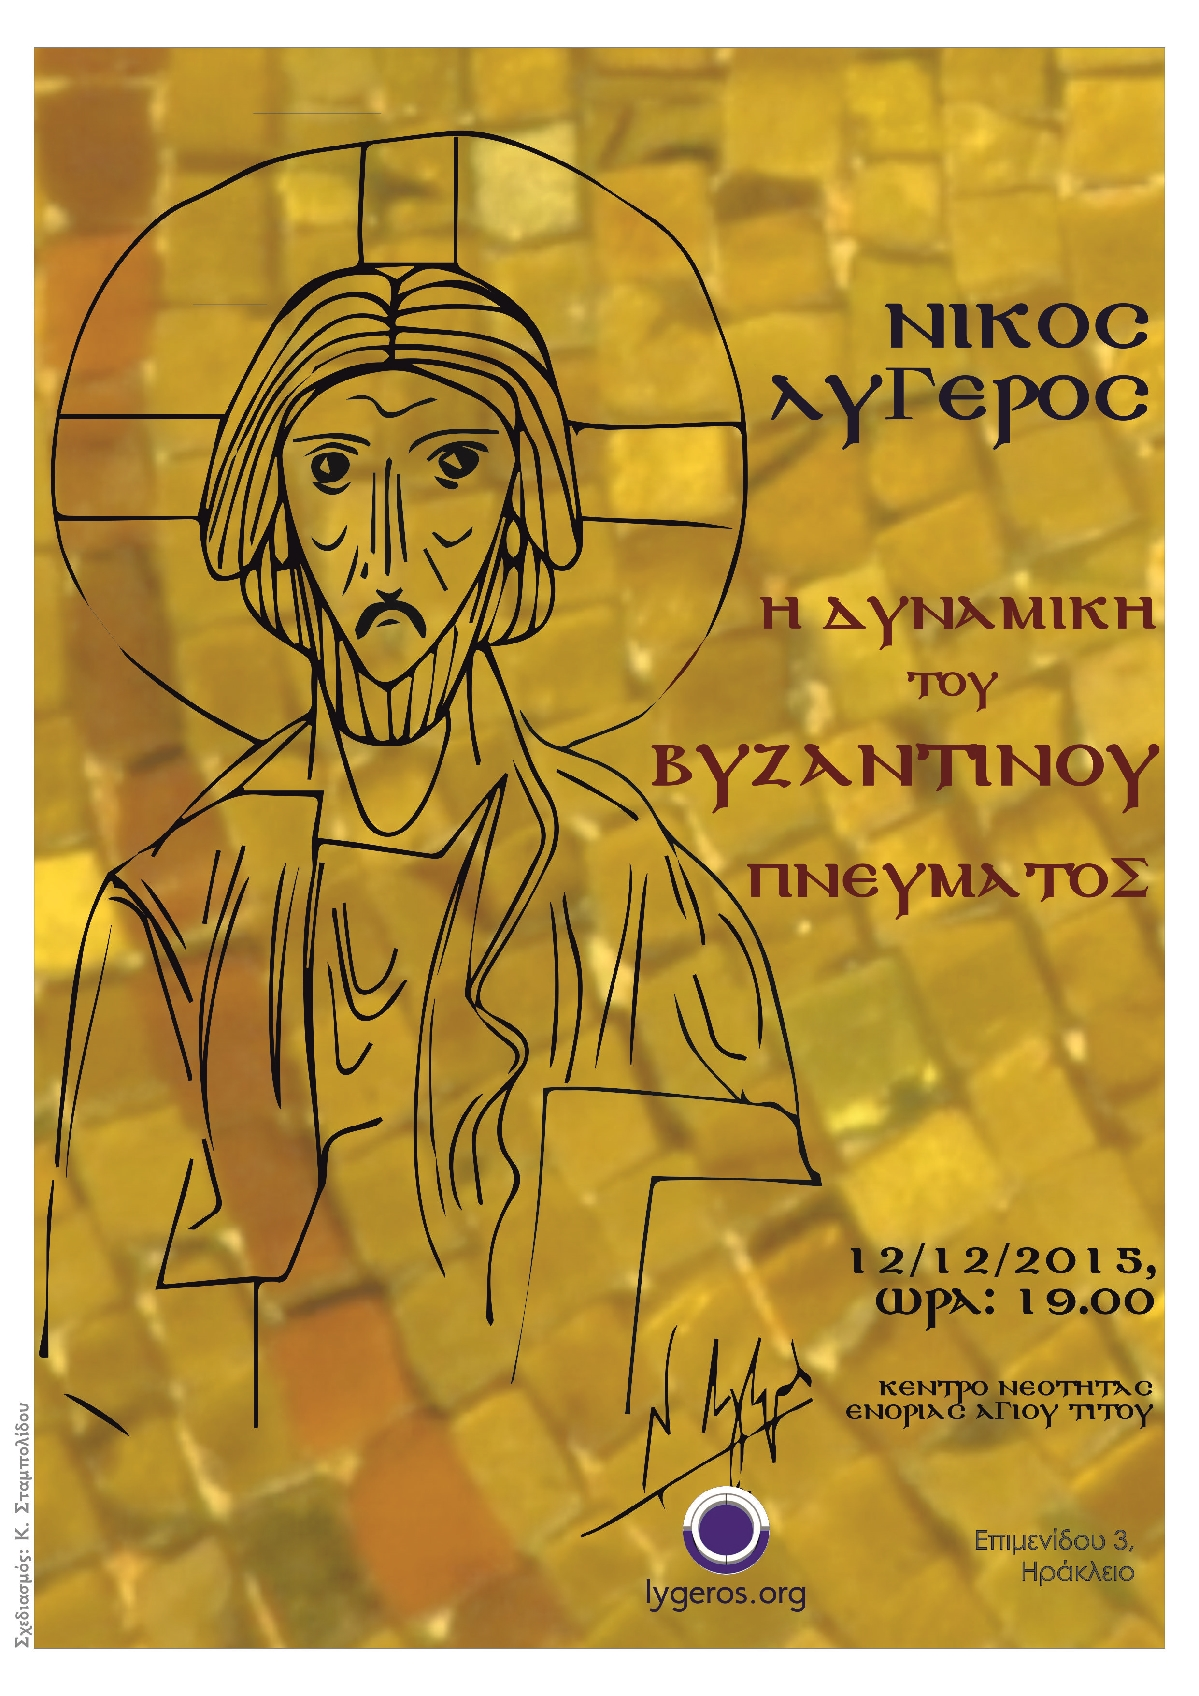 Η δυναμική του Βυζαντινού πνεύματος